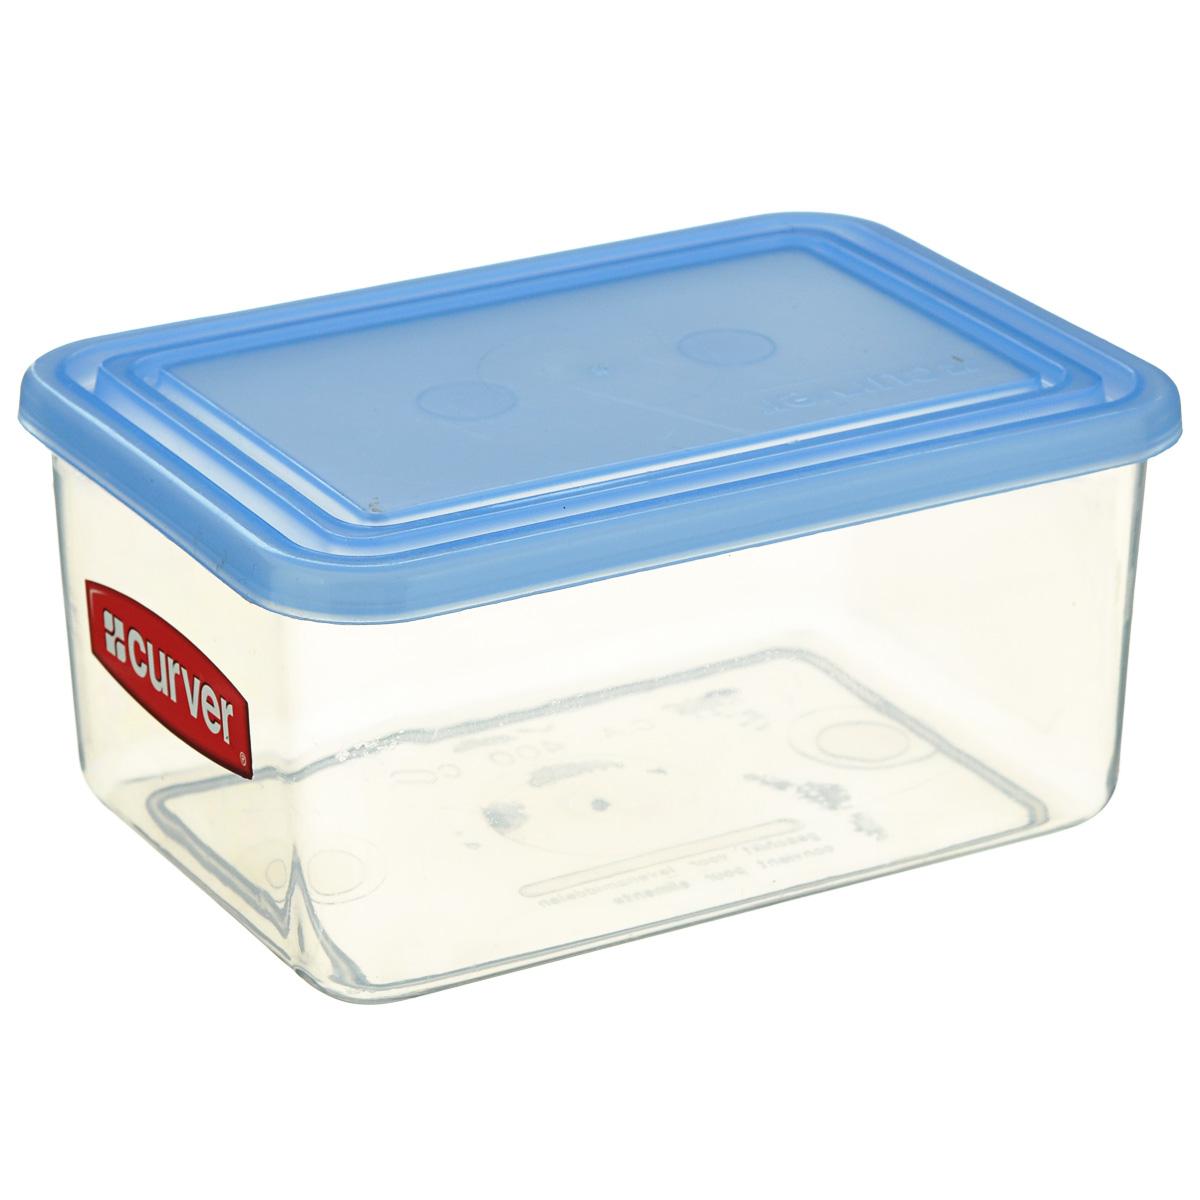 """Емкость для заморозки и СВЧ """"Curver"""" изготовлена из высококачественного пищевого пластика. Стенки емкости прозрачные, а крышка цветная. Она плотно закрывается, дольше сохраняя продукты свежими. Емкость удобно брать с собой на работу, учебу, пикник и дачу.  Можно использовать в микроволновой печи и для заморозки в морозильной камере."""